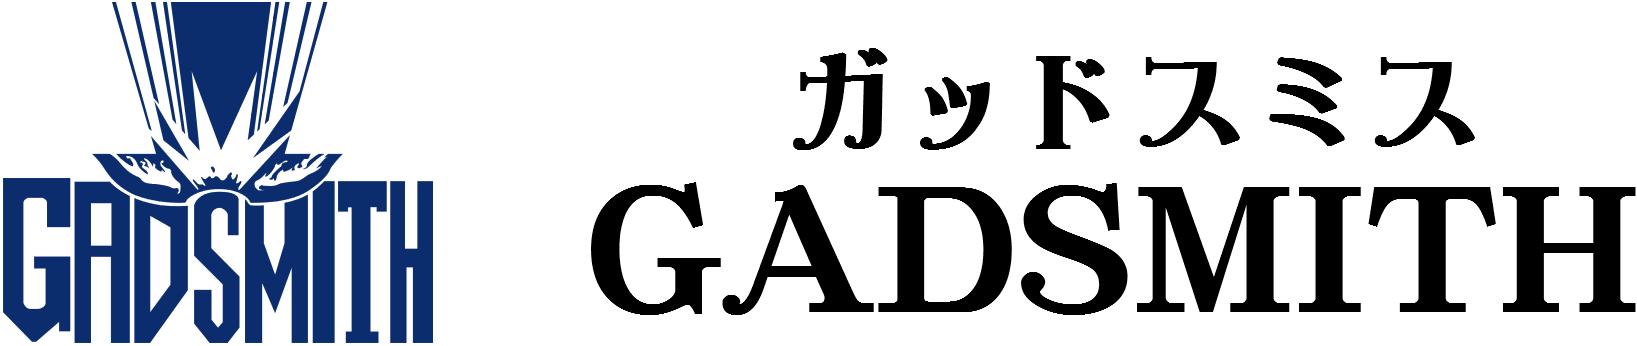 ミュージカル劇団GADSMITH公式サイト